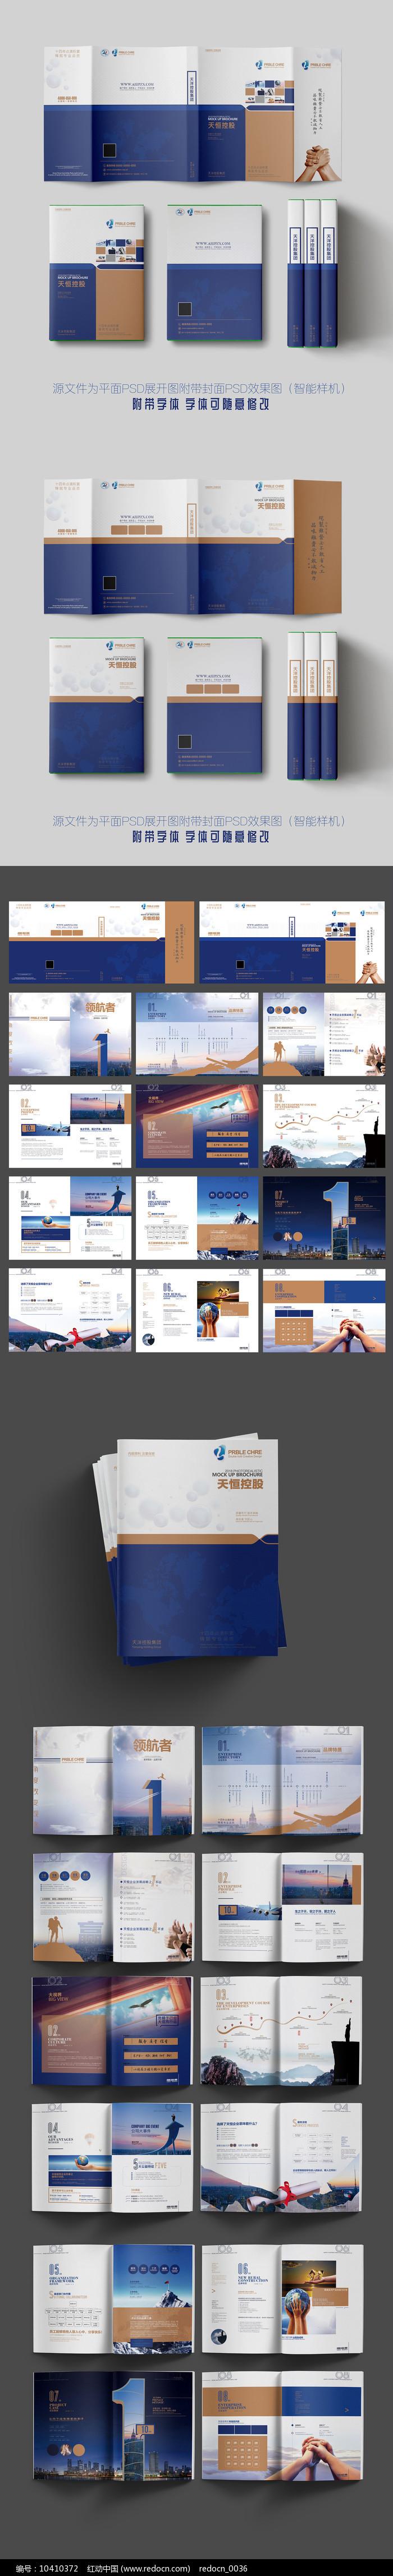 大气集团商务画册模板设计图片